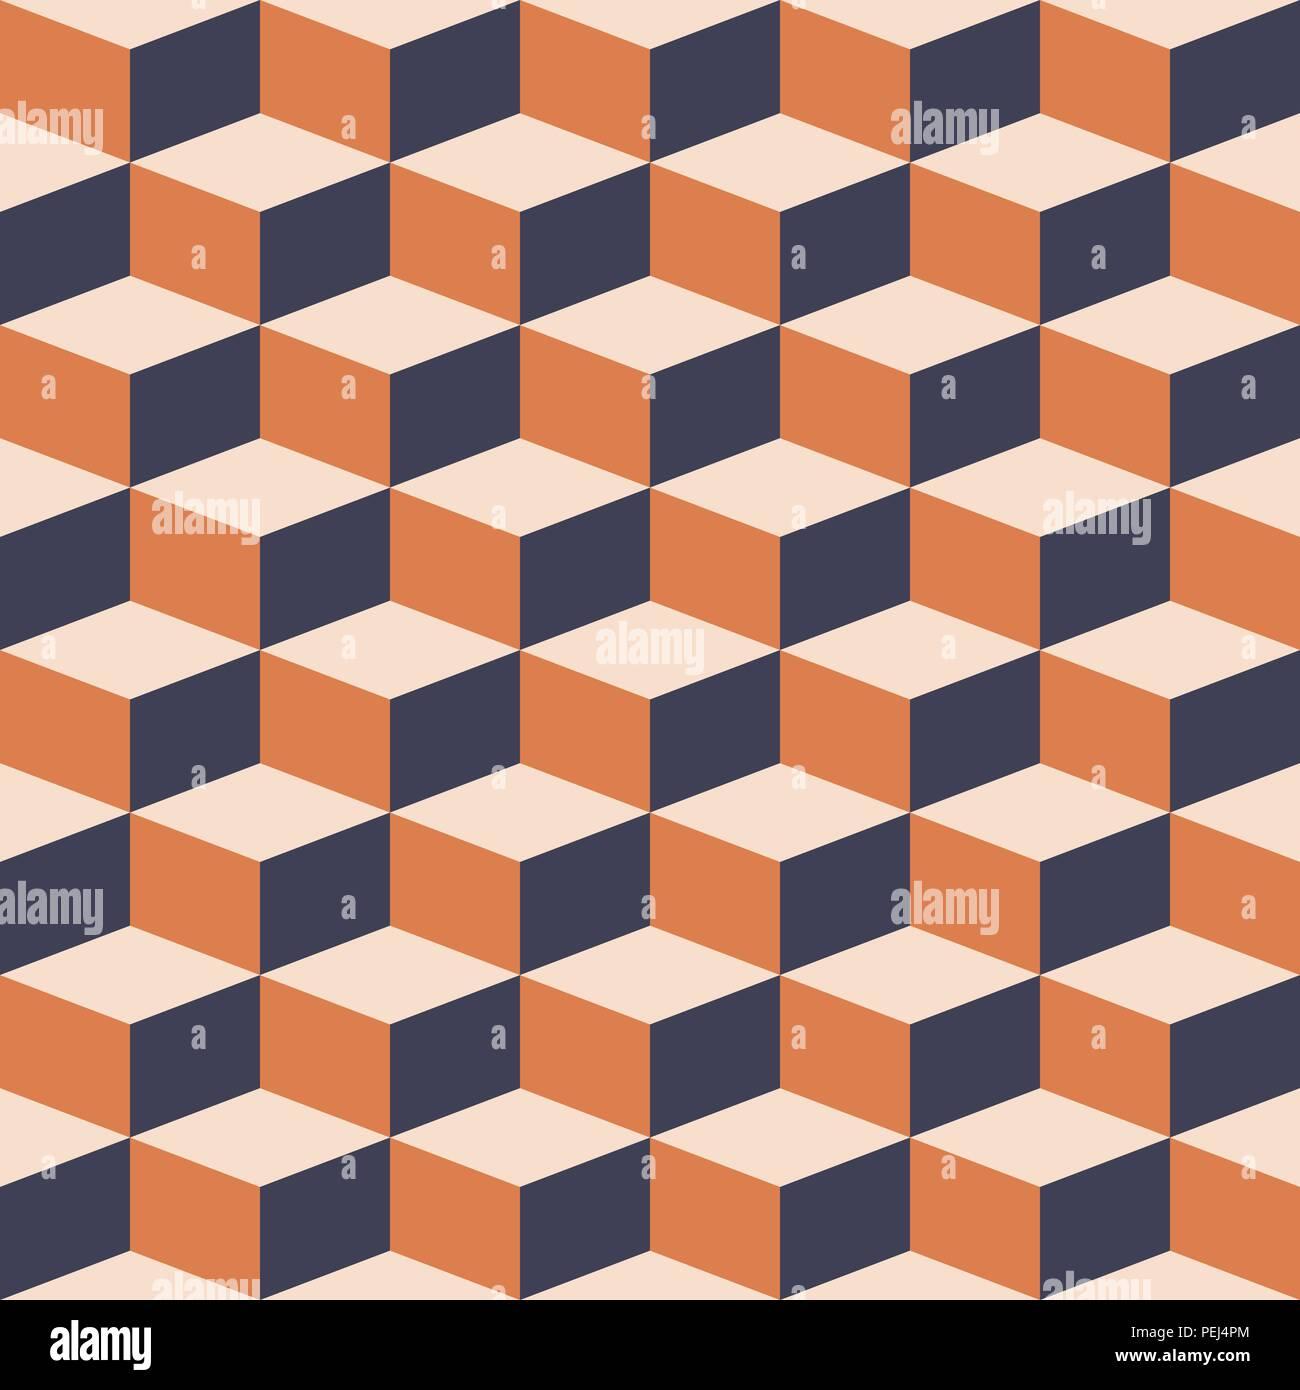 Bloques abstractos ilusión visual perfecto contraste patrón gris y naranja Imagen De Stock